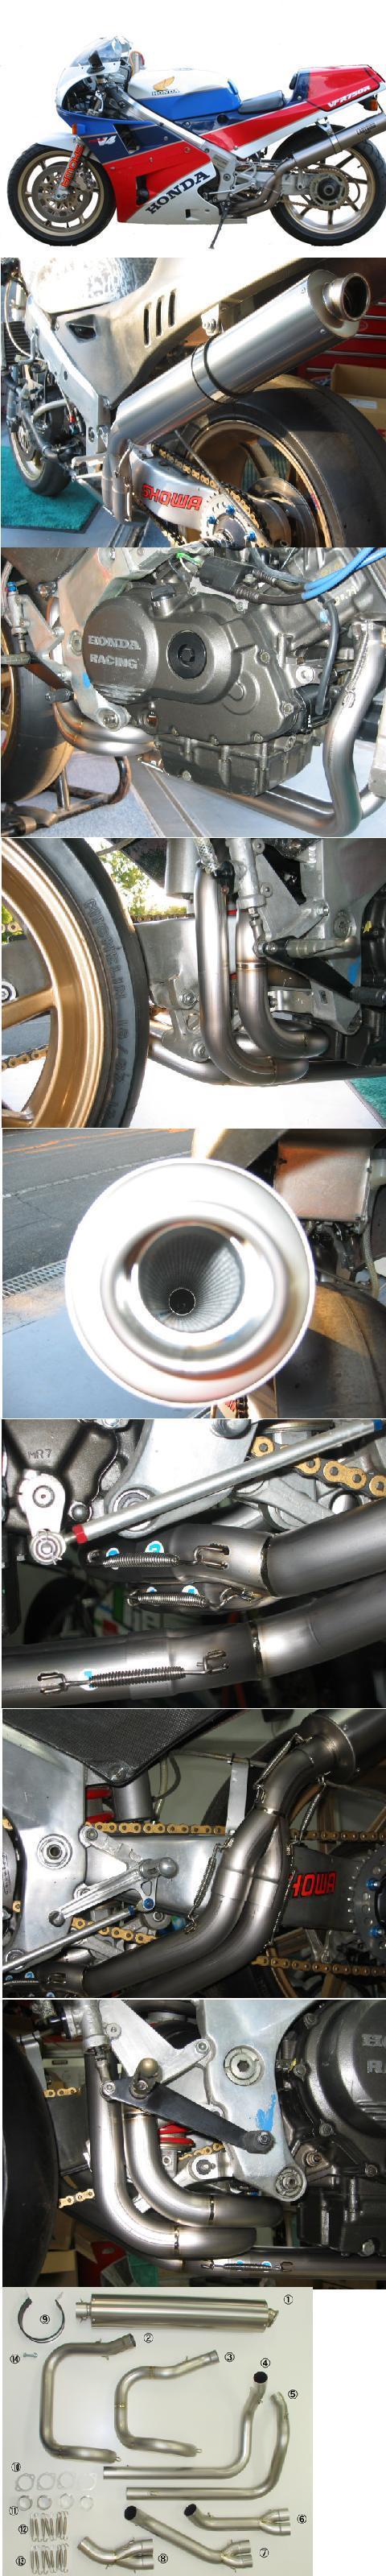 【Ladybird】鈦合金全段排氣管/鈦合金消音器 - 「Webike-摩托百貨」